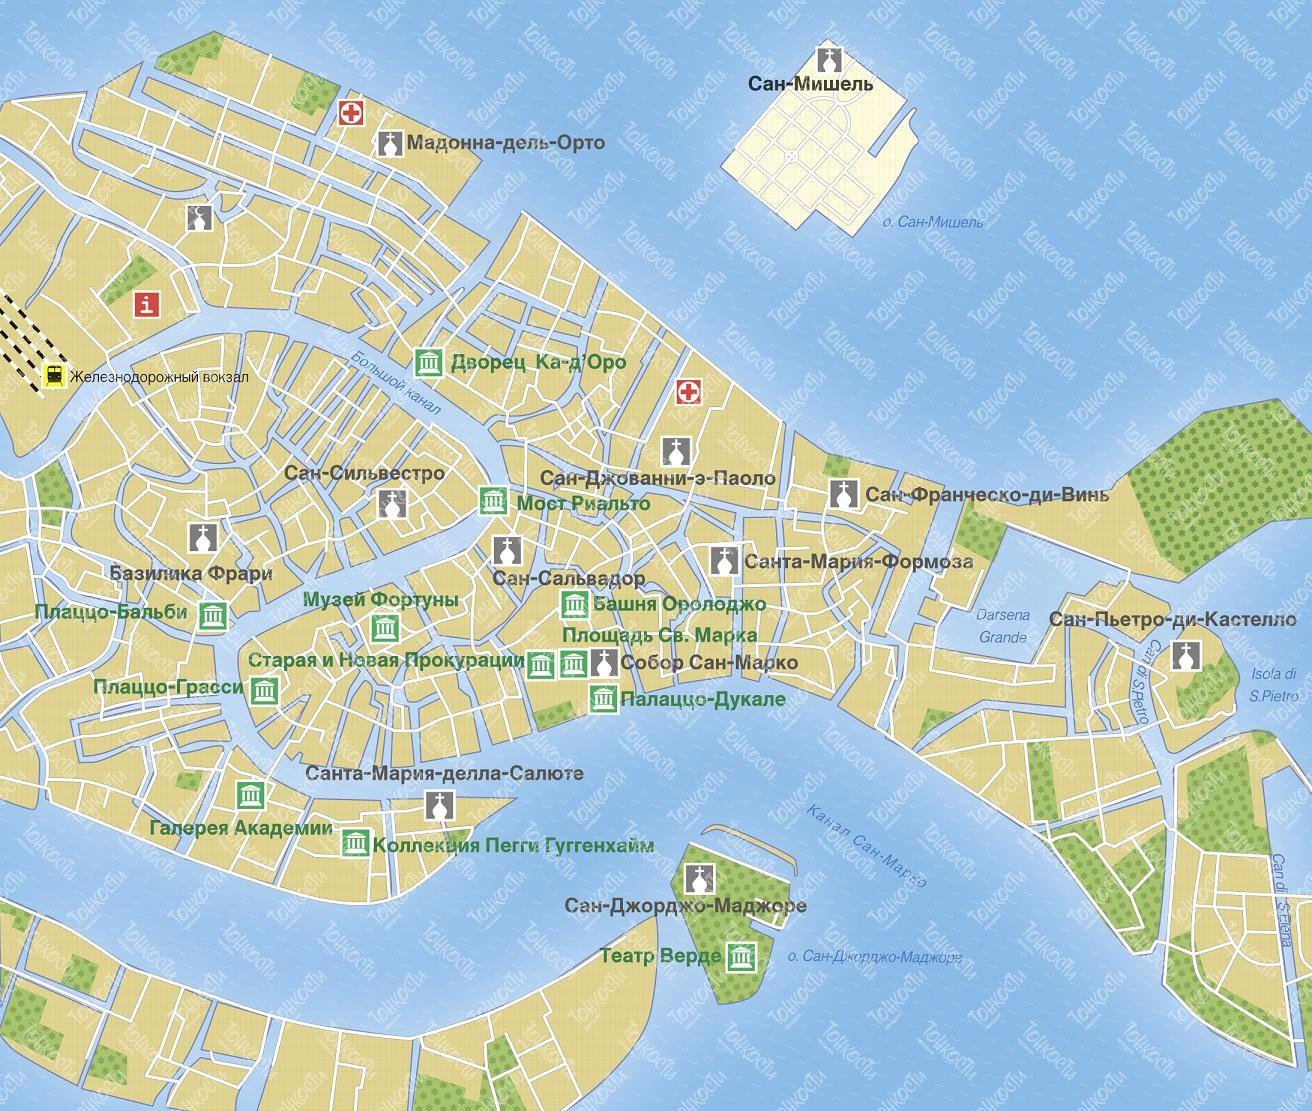 Karta Venecii Podrobnaya Karta Otelej I Turisticheskih Obektov